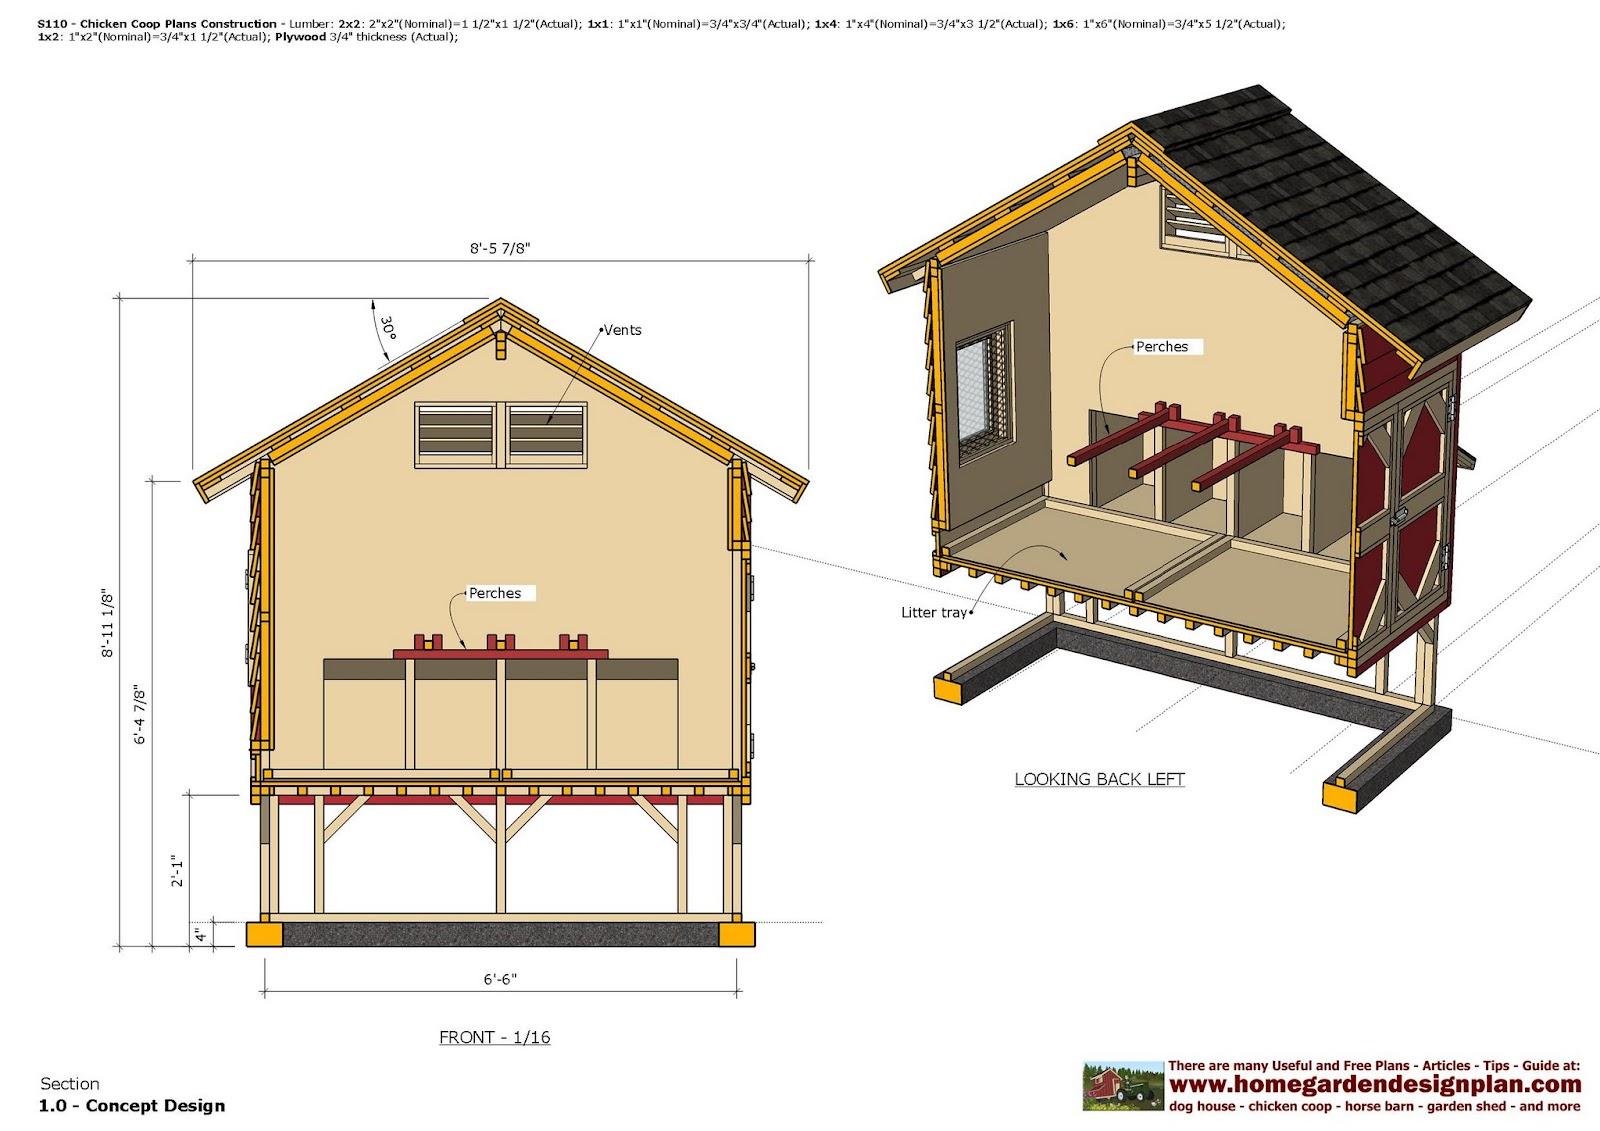 Home Garden Plans S110 Chicken Coop Plans Chicken